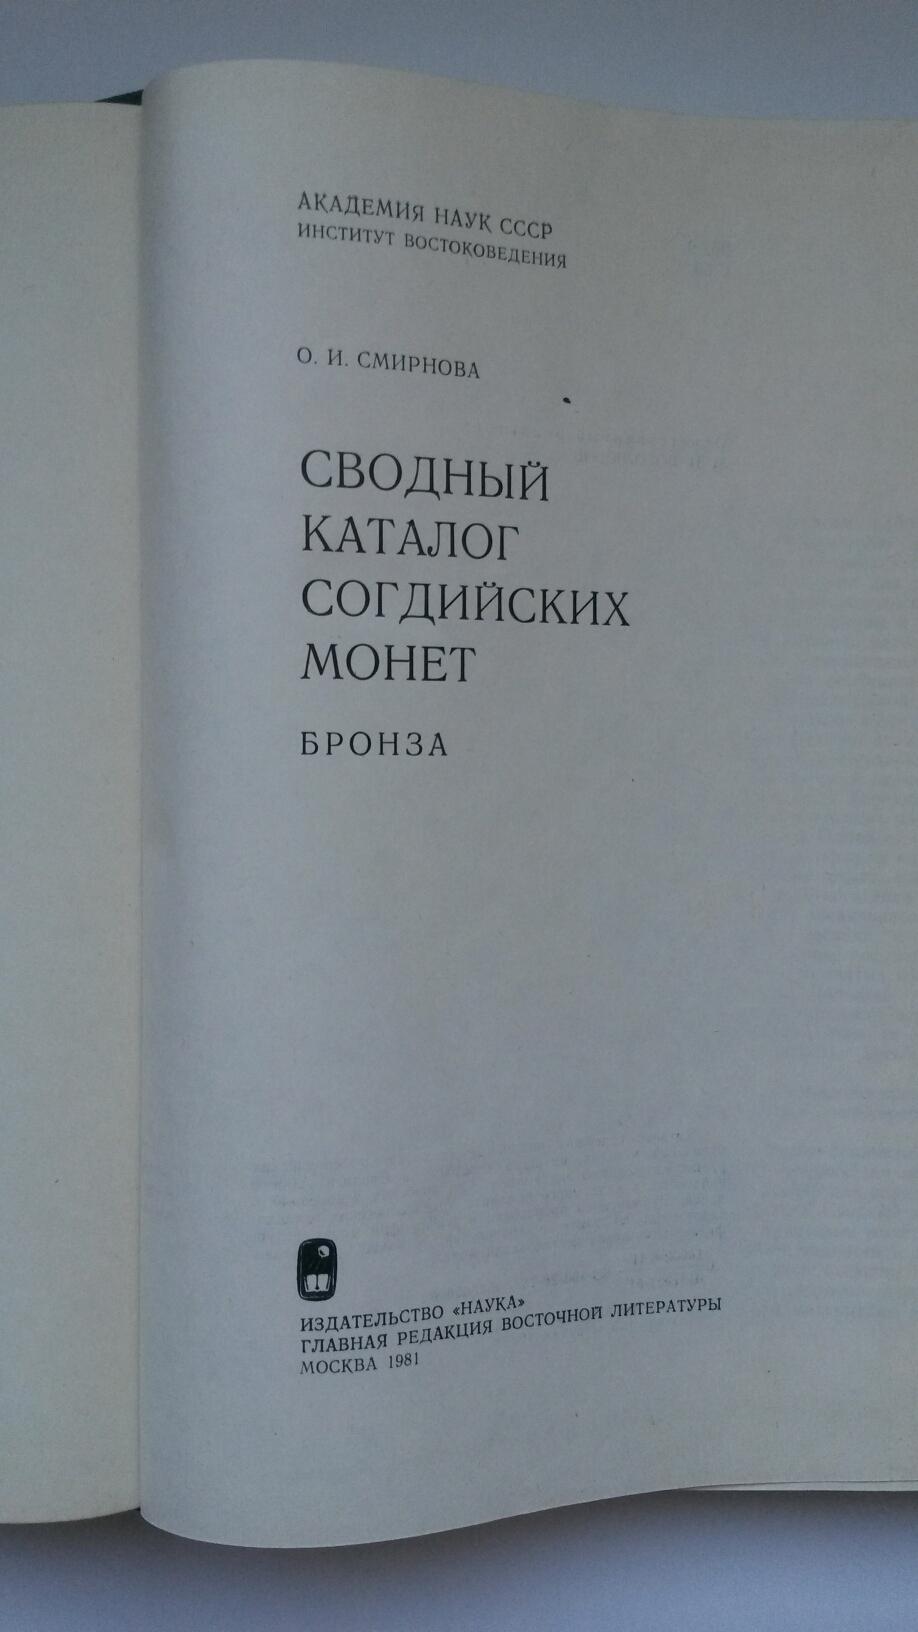 Смирнова О.И. Сводный каталог согдийских монет. Бронза. - Наука, 1981.